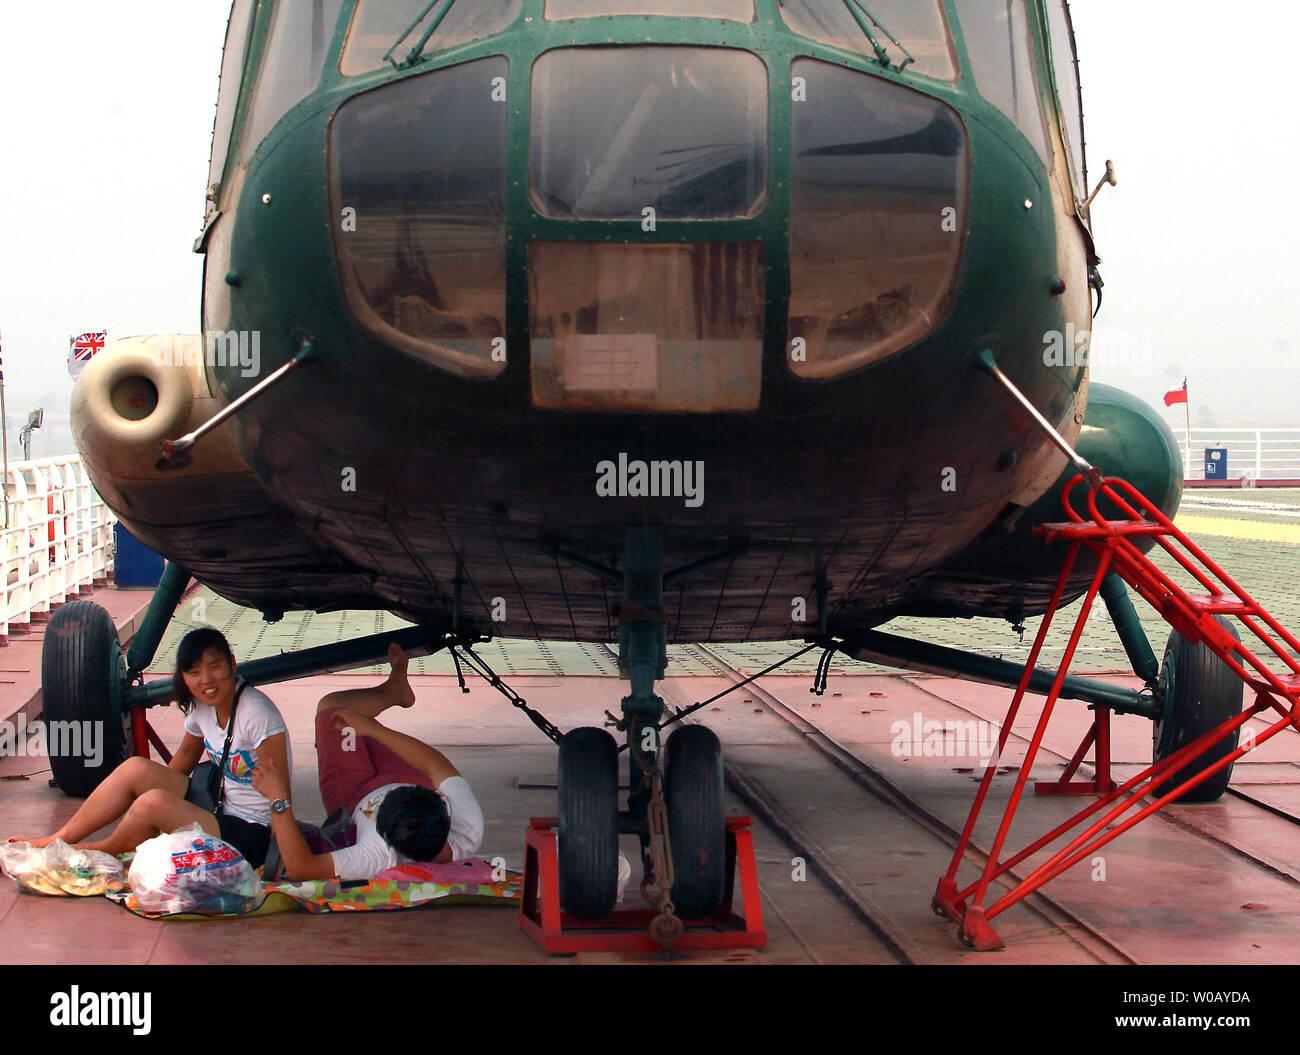 Los turistas chinos visitar el portaaviones Binhai Theme Park, con el ex-Federación de aviones pesados cruiser el Kiev, en Tianjin el 29 de julio de 2014. La Kiev era un avión pesado de transporte de crucero que sirvió a la armada rusa y soviética de 1975 a 1993 antes de ser vendida a una empresa china en 1996 para uso militar en un parque temático. Más de 15,5 millones de dólares se dedicó a la restauración y equipamiento de la ex-buque de guerra en un hotel de lujo desarrollado por el turismo y la atracción de ocio consultor Quest International (EE.UU.). UPI/Stephen afeitadora Foto de stock